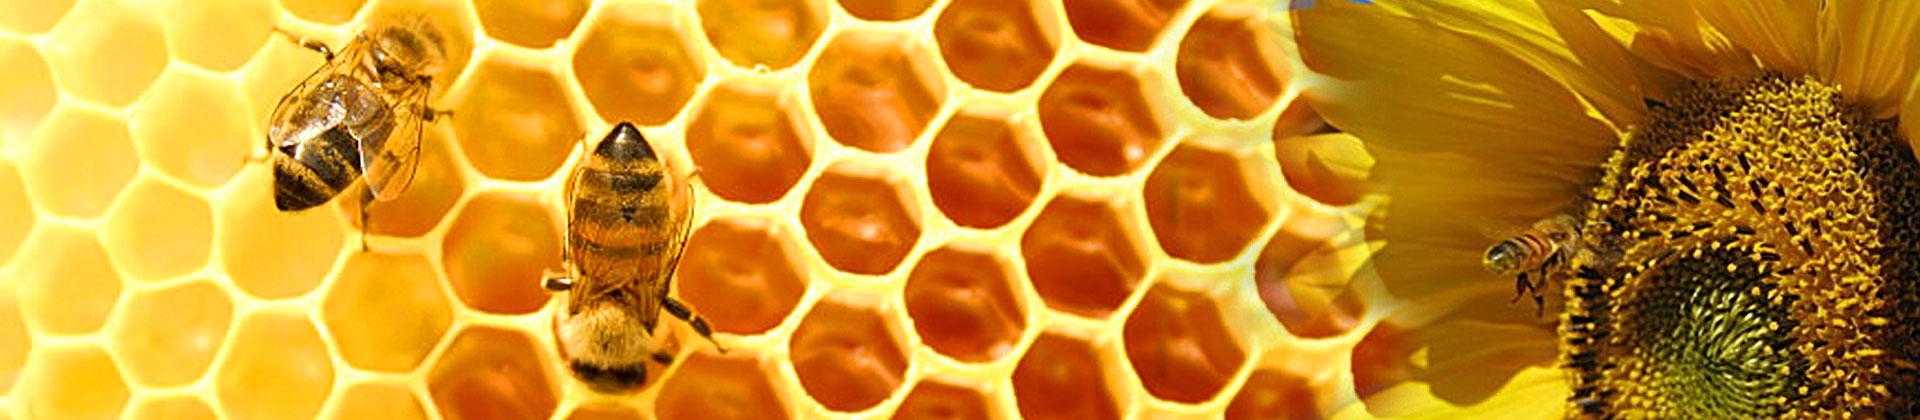 food_bees1